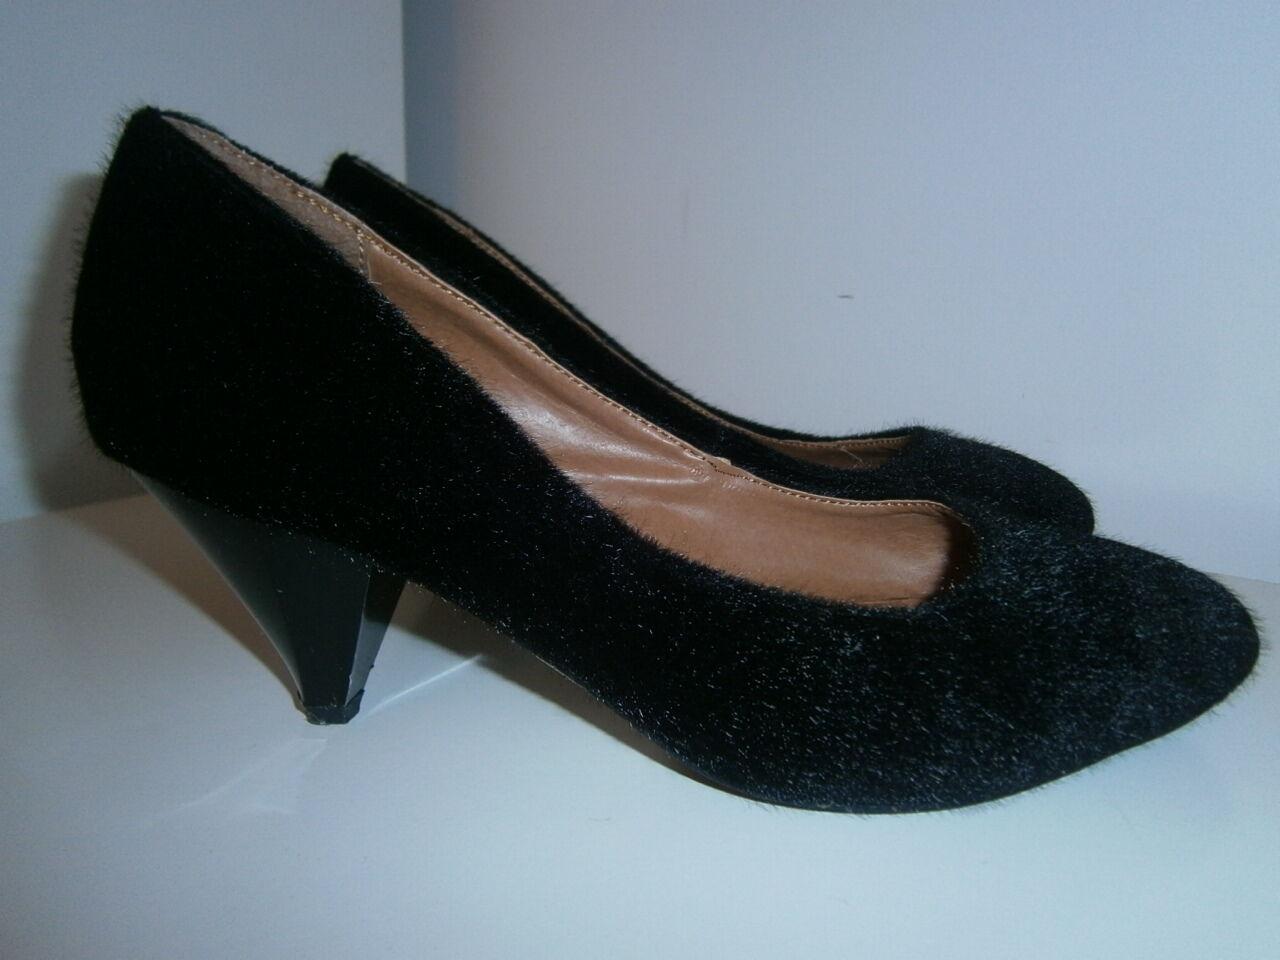 Barratts Papaya size Animal womens black shoes size Papaya 5 adcffd